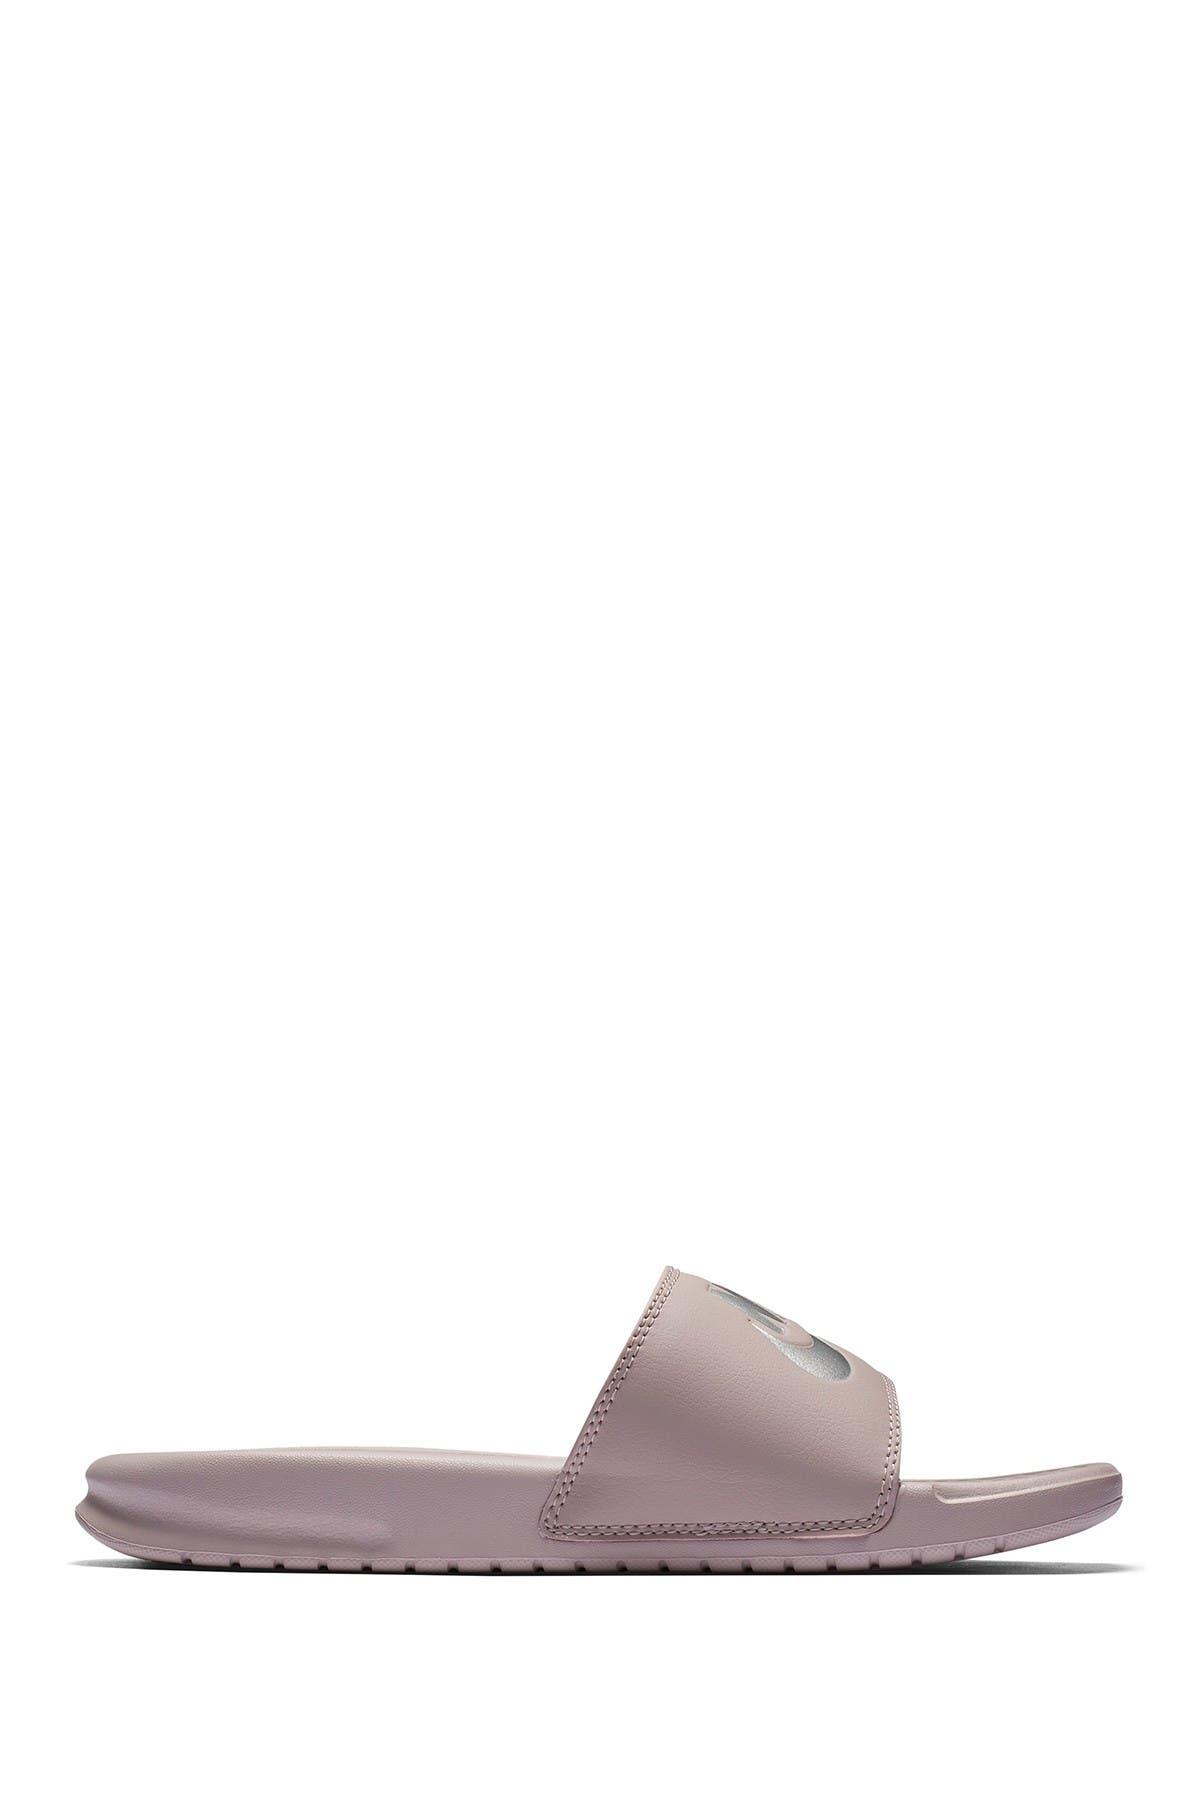 platform sandals nordstrom rack